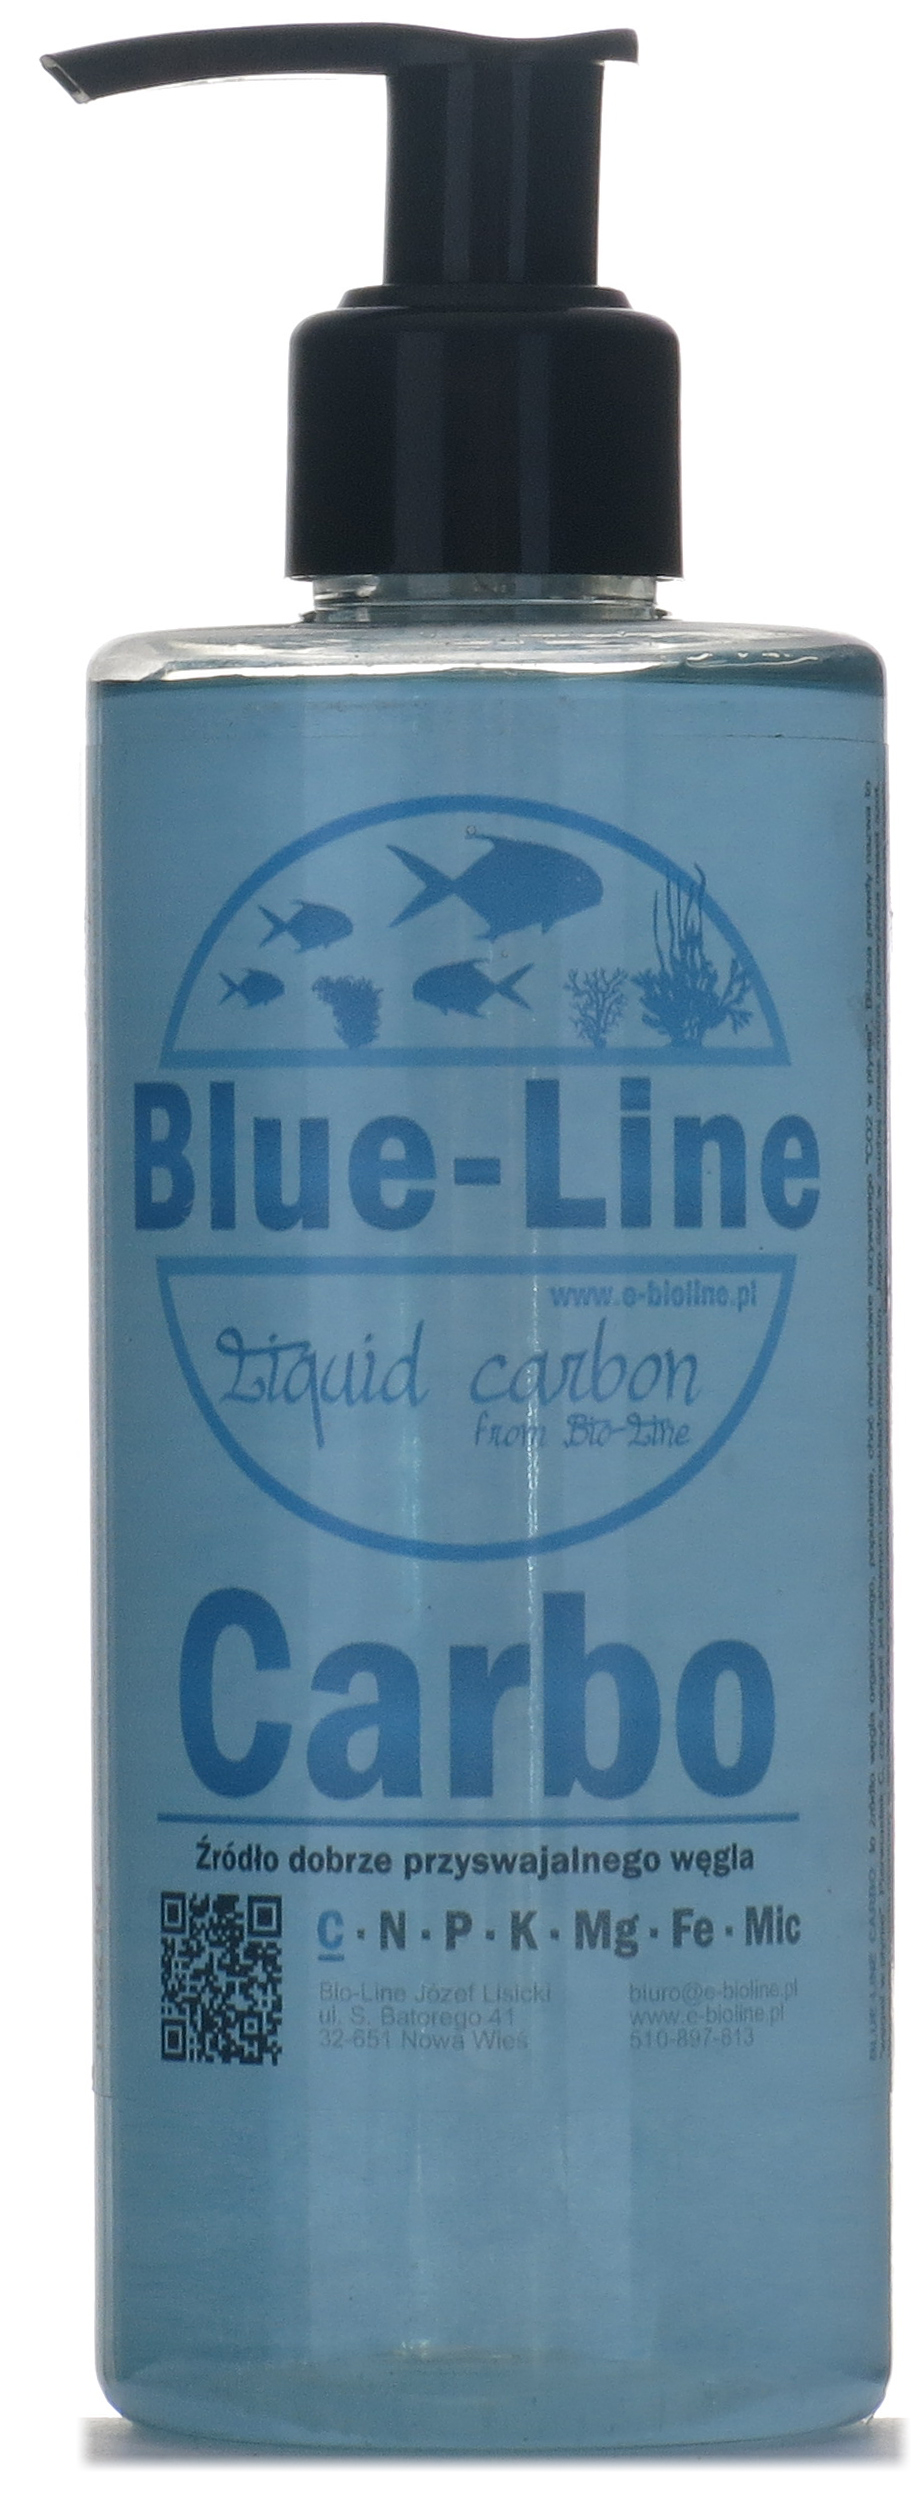 Blue-Line Carbo уголь в жидкости эффект CO2 500 мл